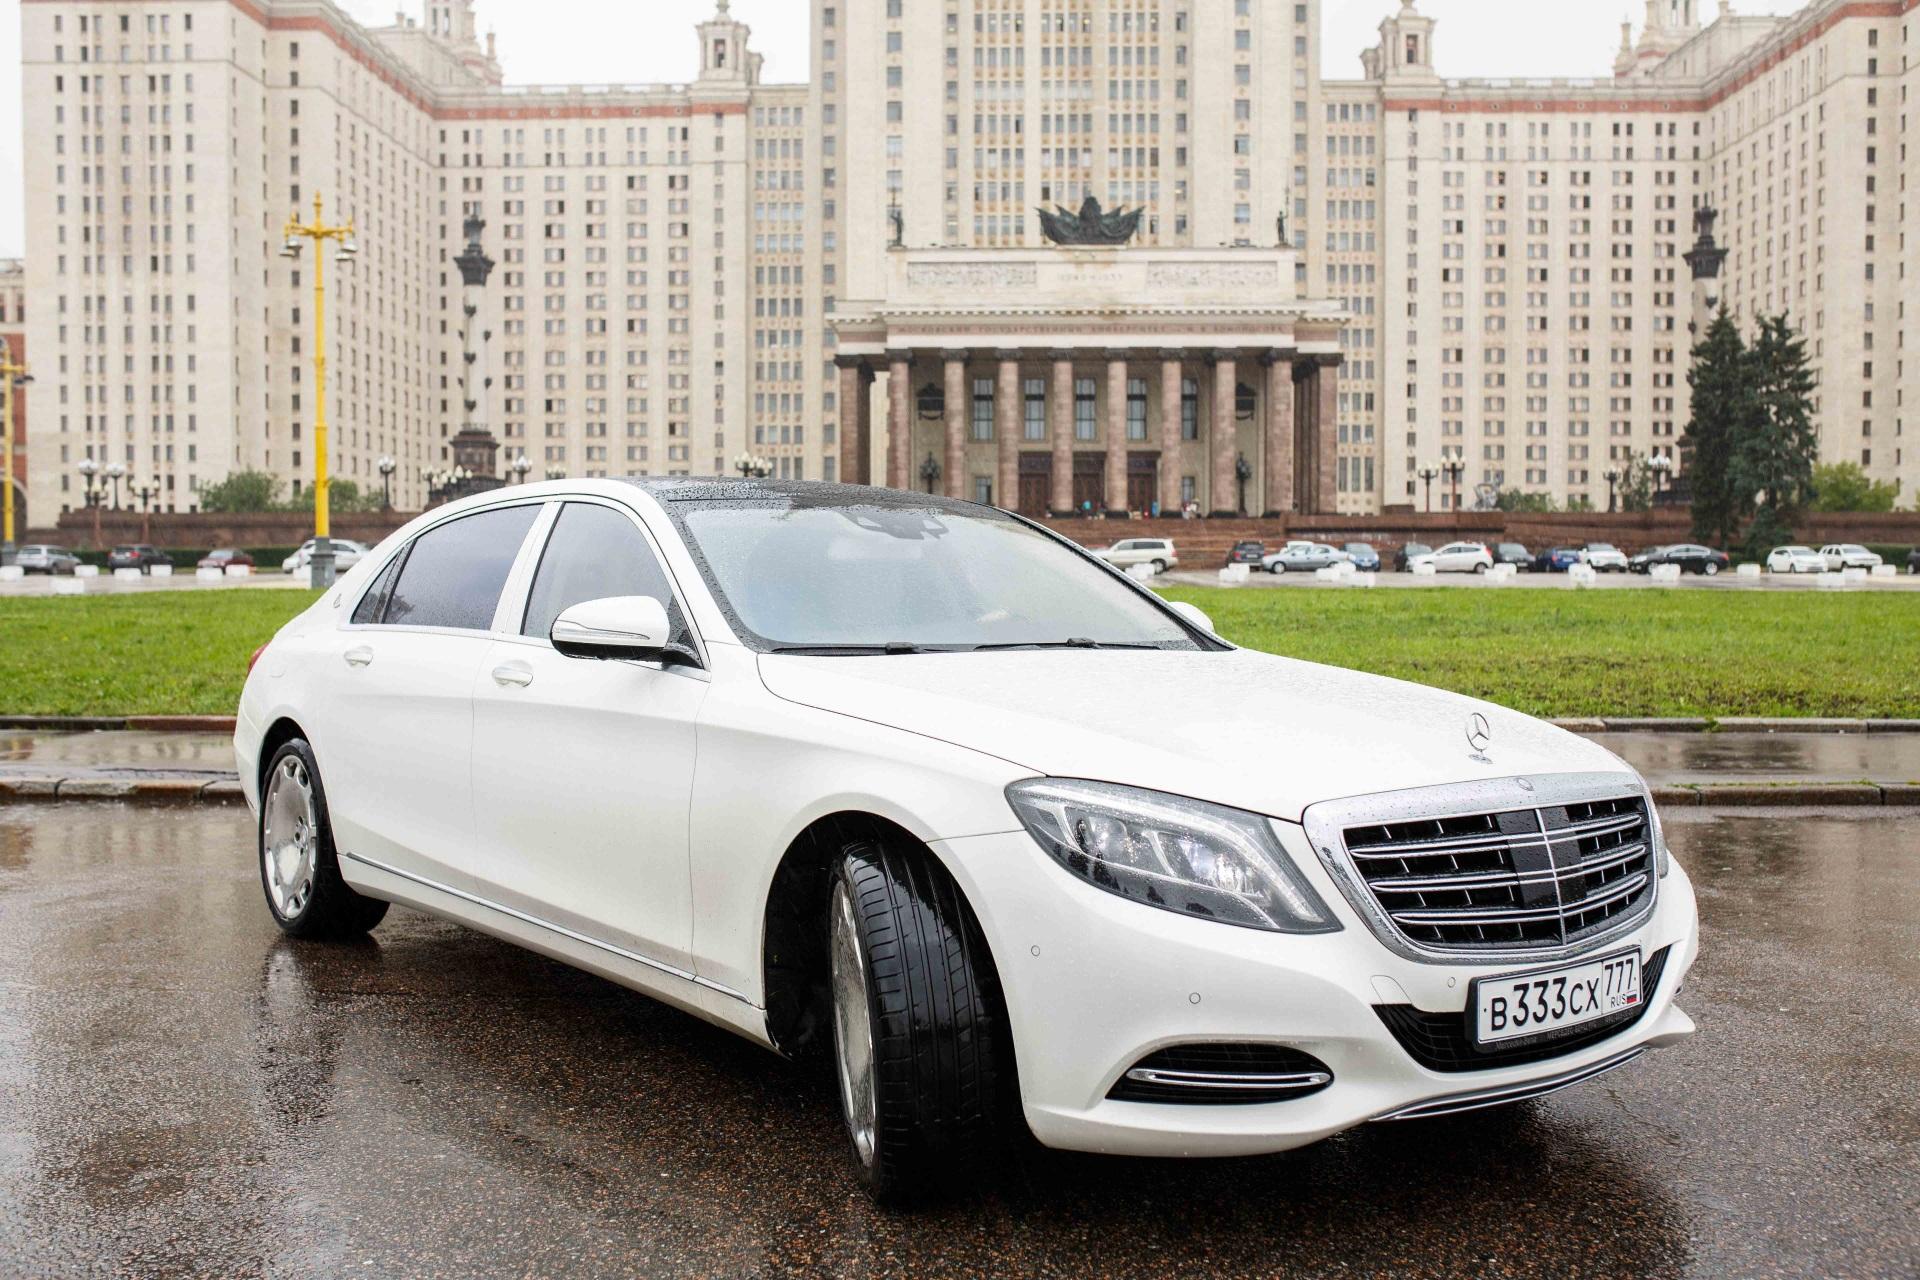 Аренда автомобиля в Москве и ее особенности